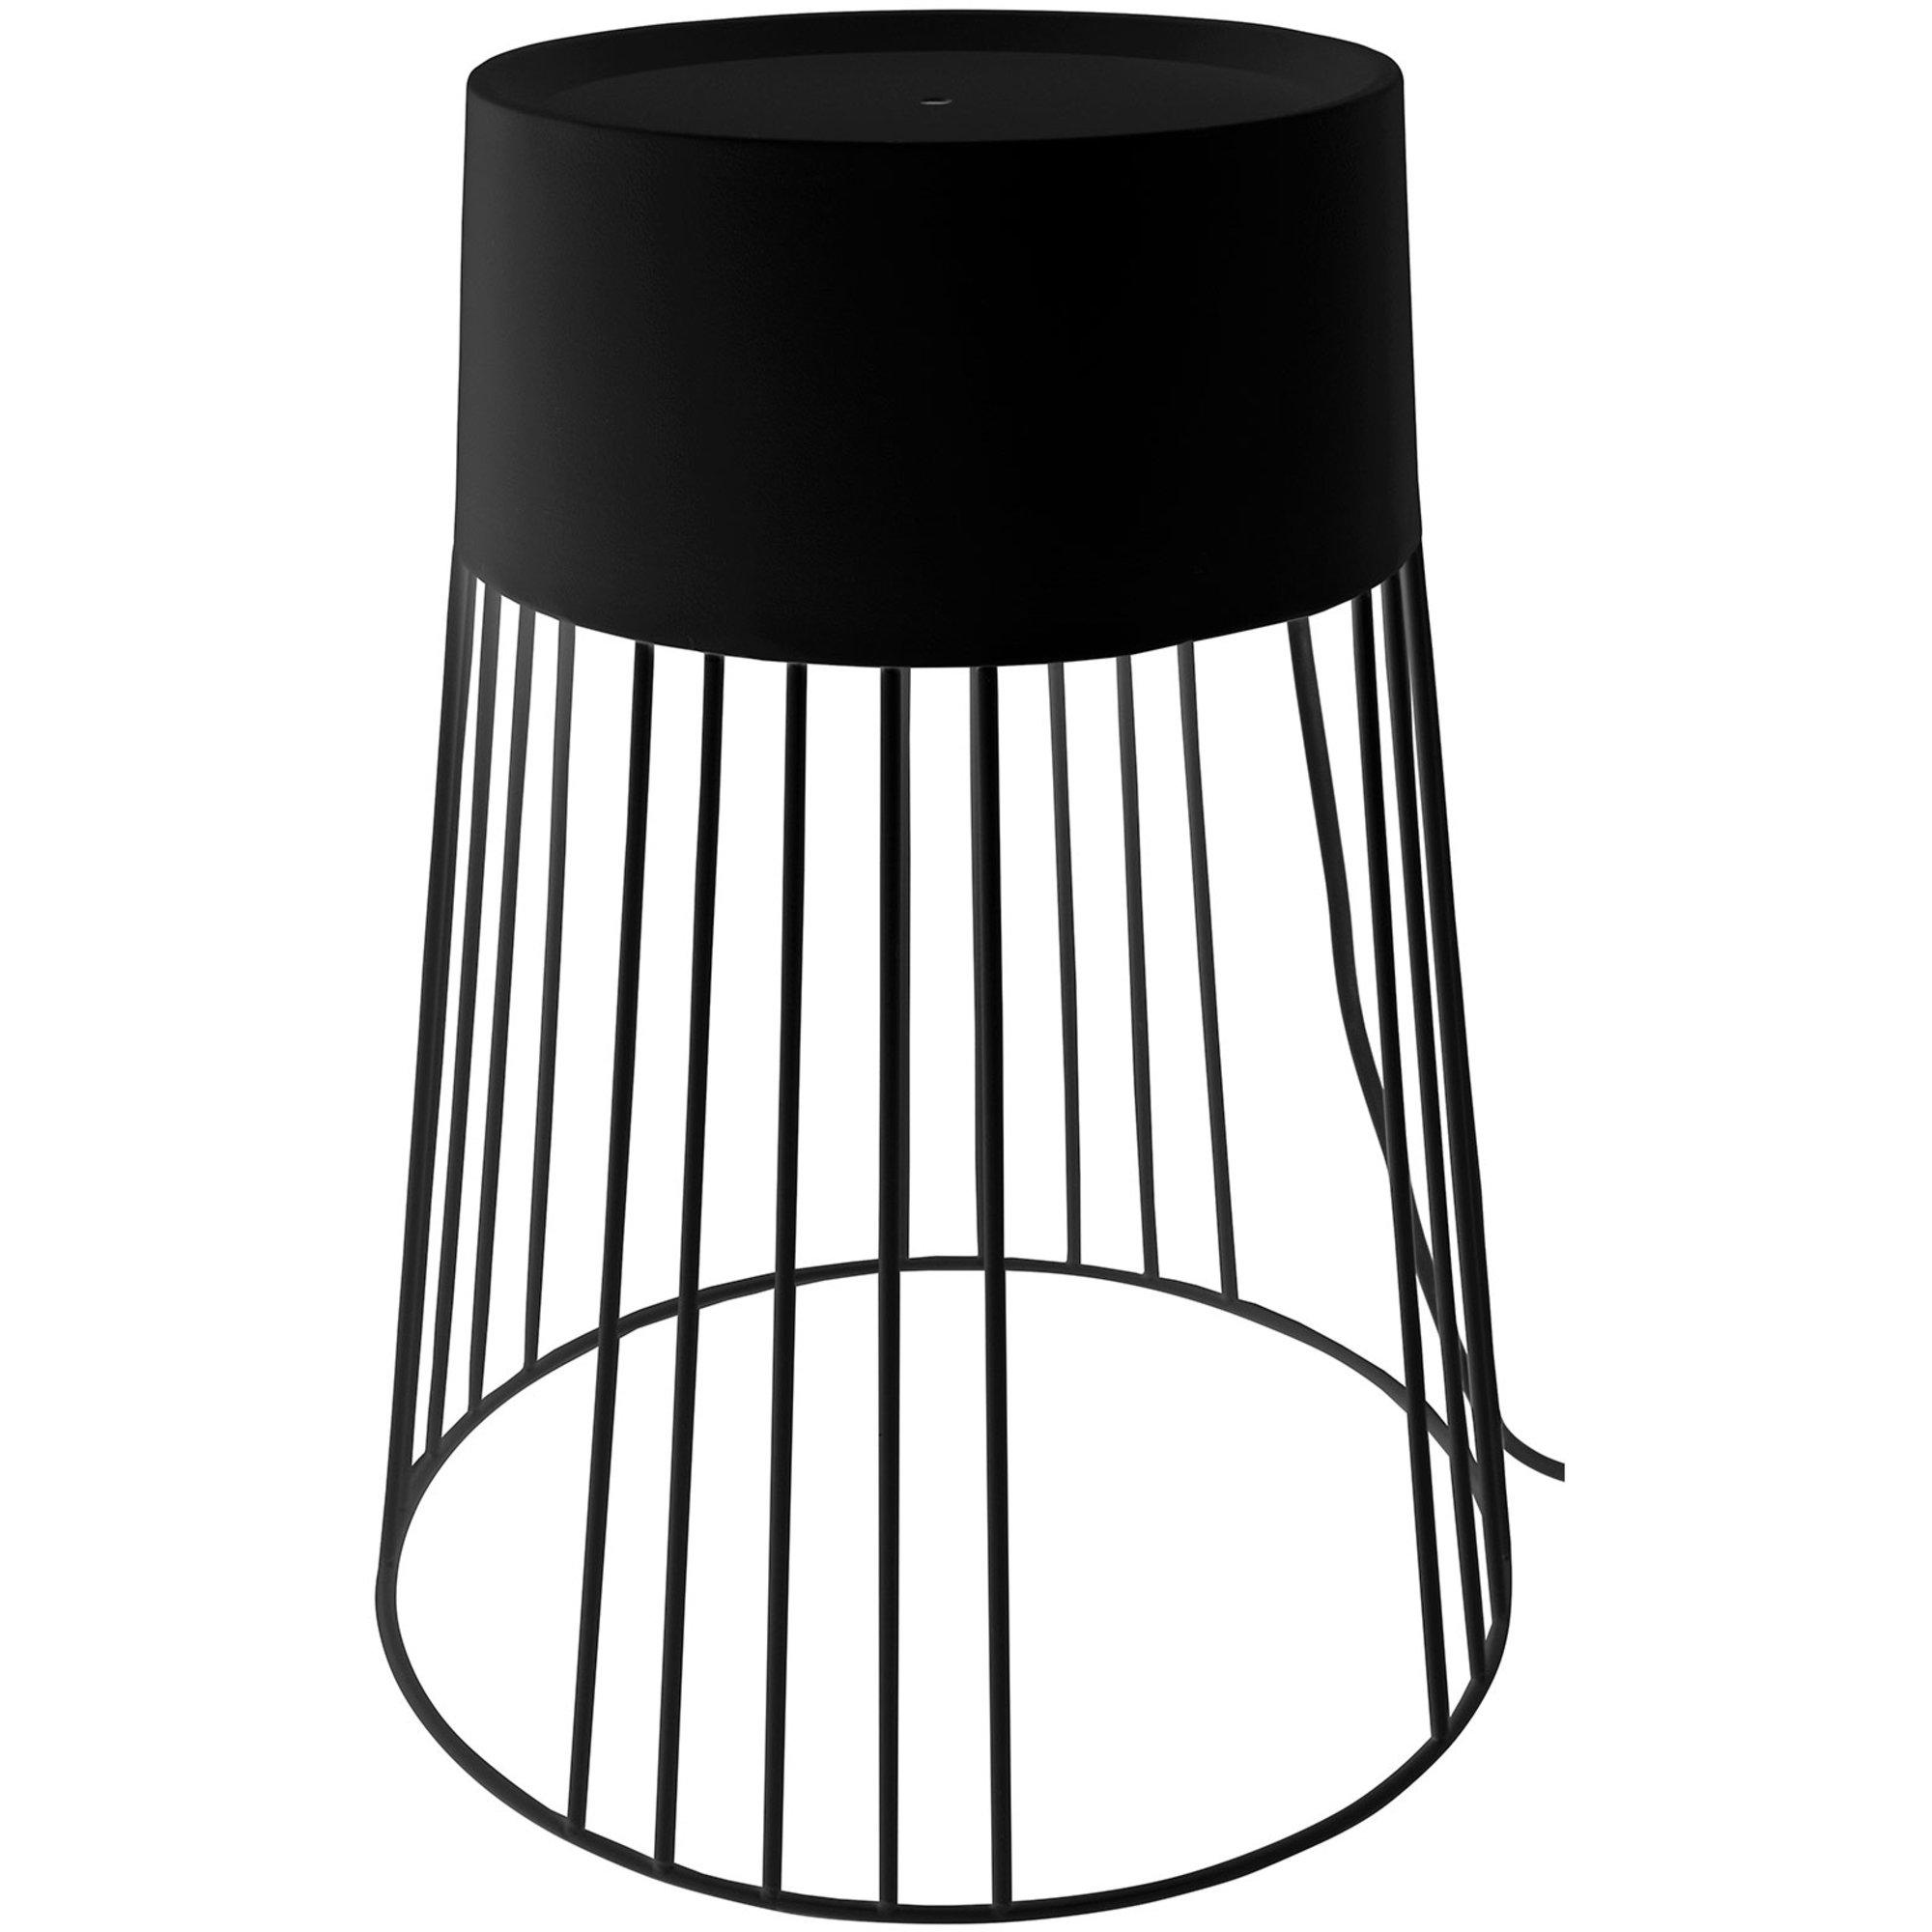 Globen Lighting Koster Golvlampa IP44 45 cm svart